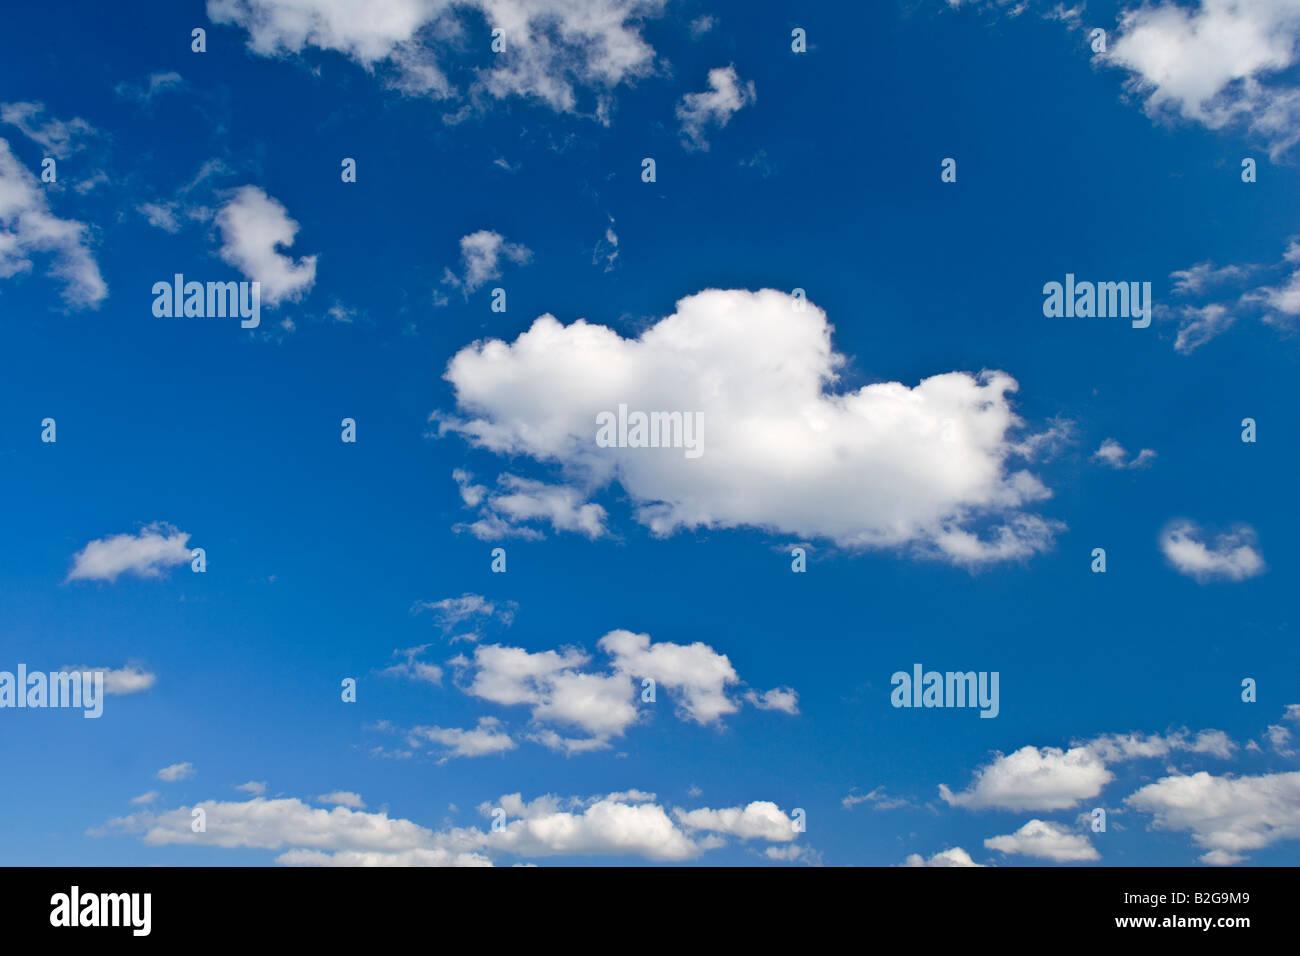 Wolken Und Himmel Blauer Himmel Mit Kleinen Weissen Wolken Deutschland Wolken und Himmel blau Himmel und kleinen Stockbild